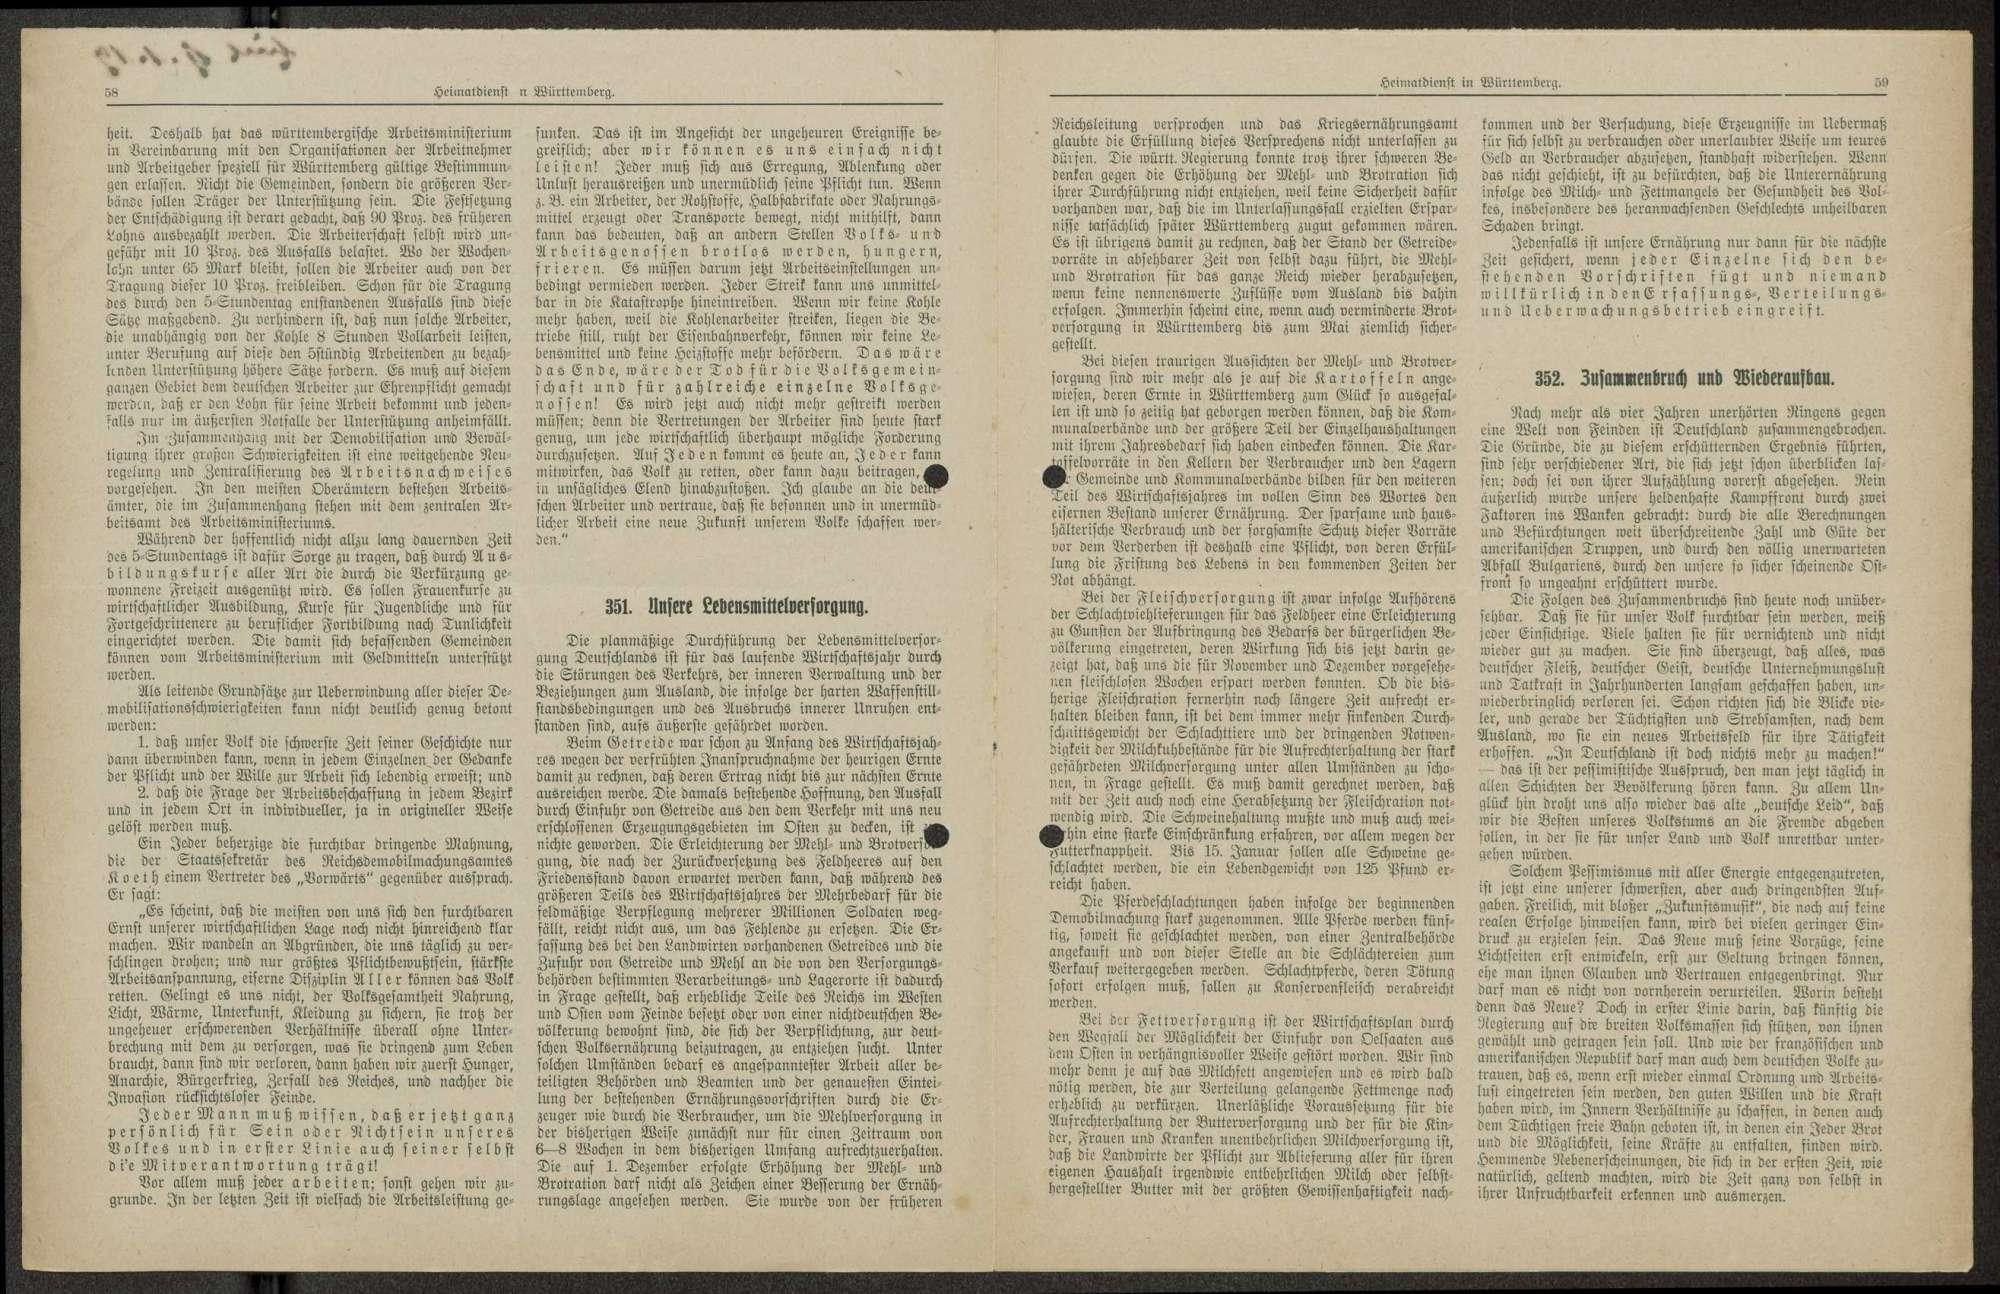 Heimatdienst in Württemberg, Nachrichten des Unterrichtsoffiziers des stellvertretenden Generalkommandos XIII. Armeekorps, Bild 2